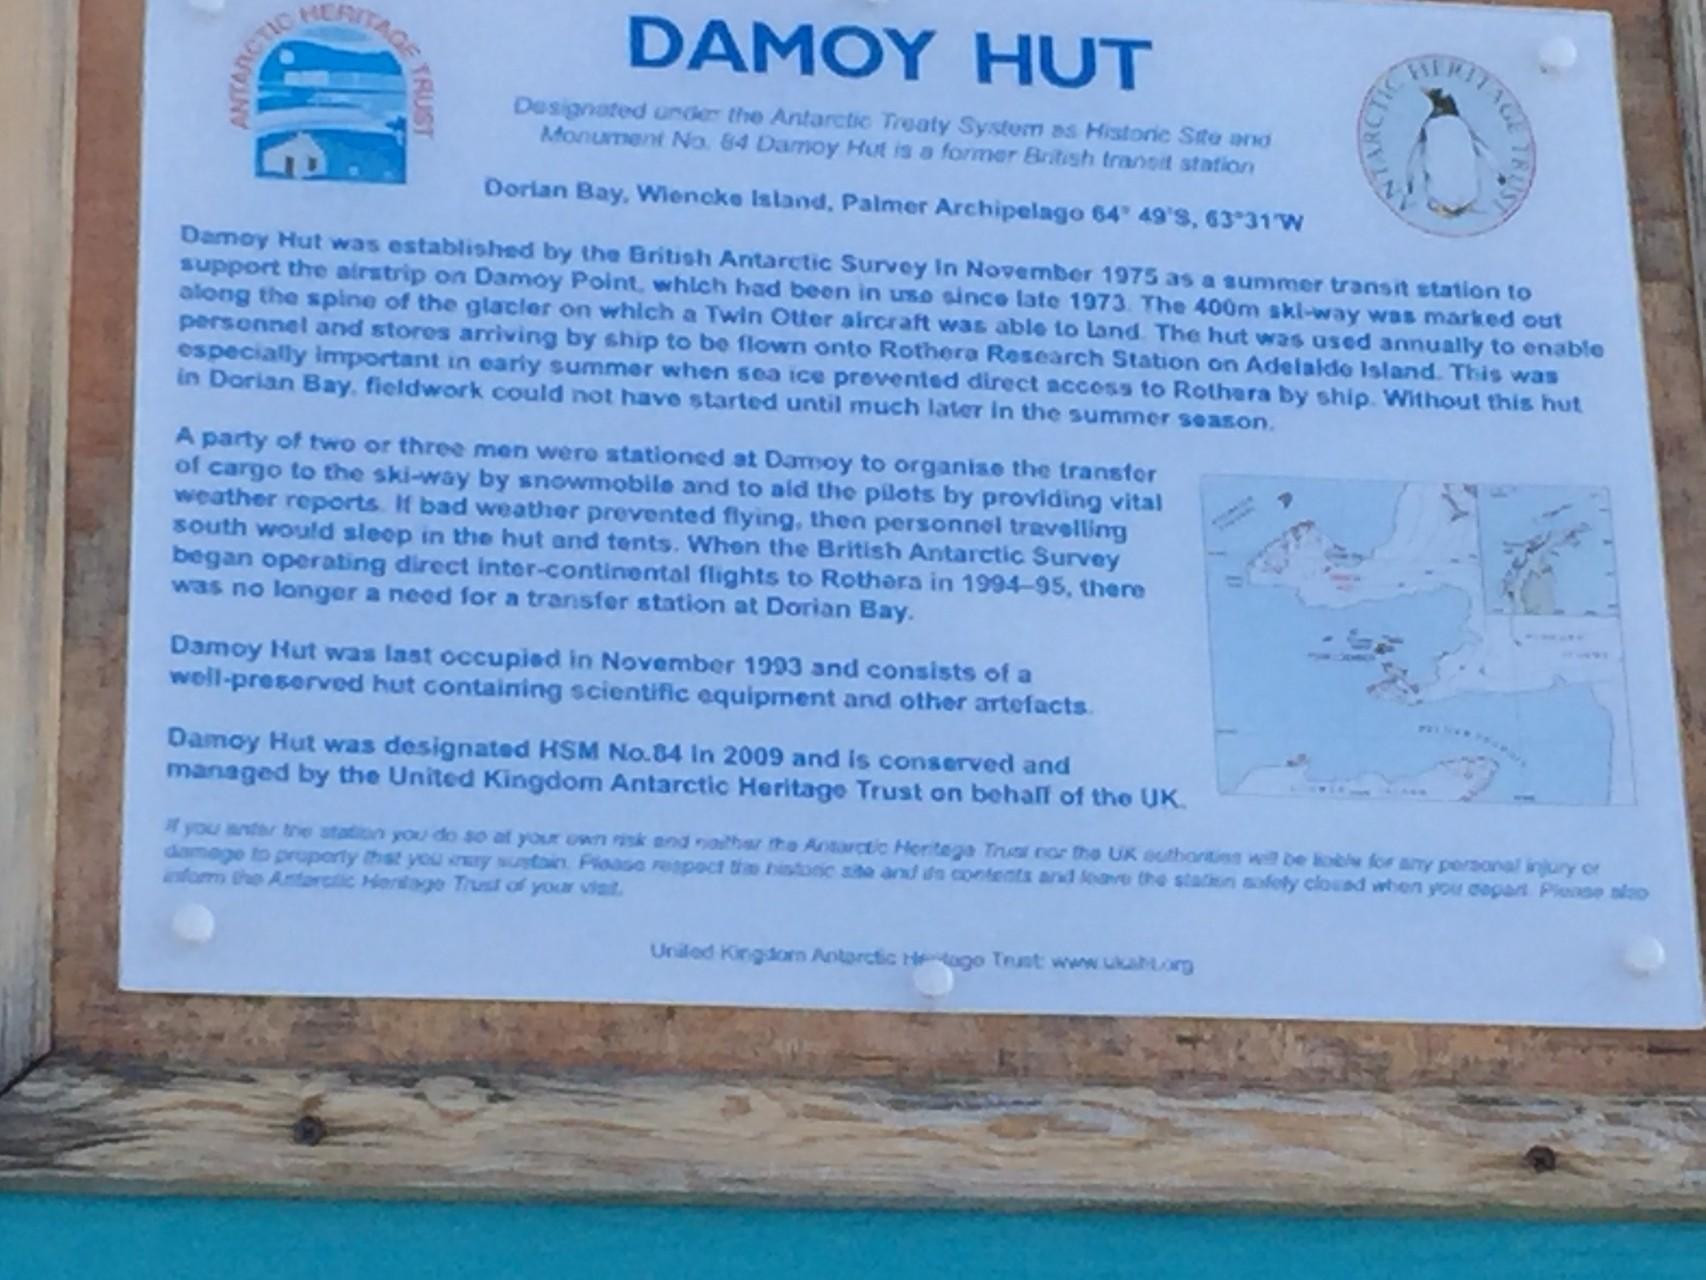 Damoy Hut